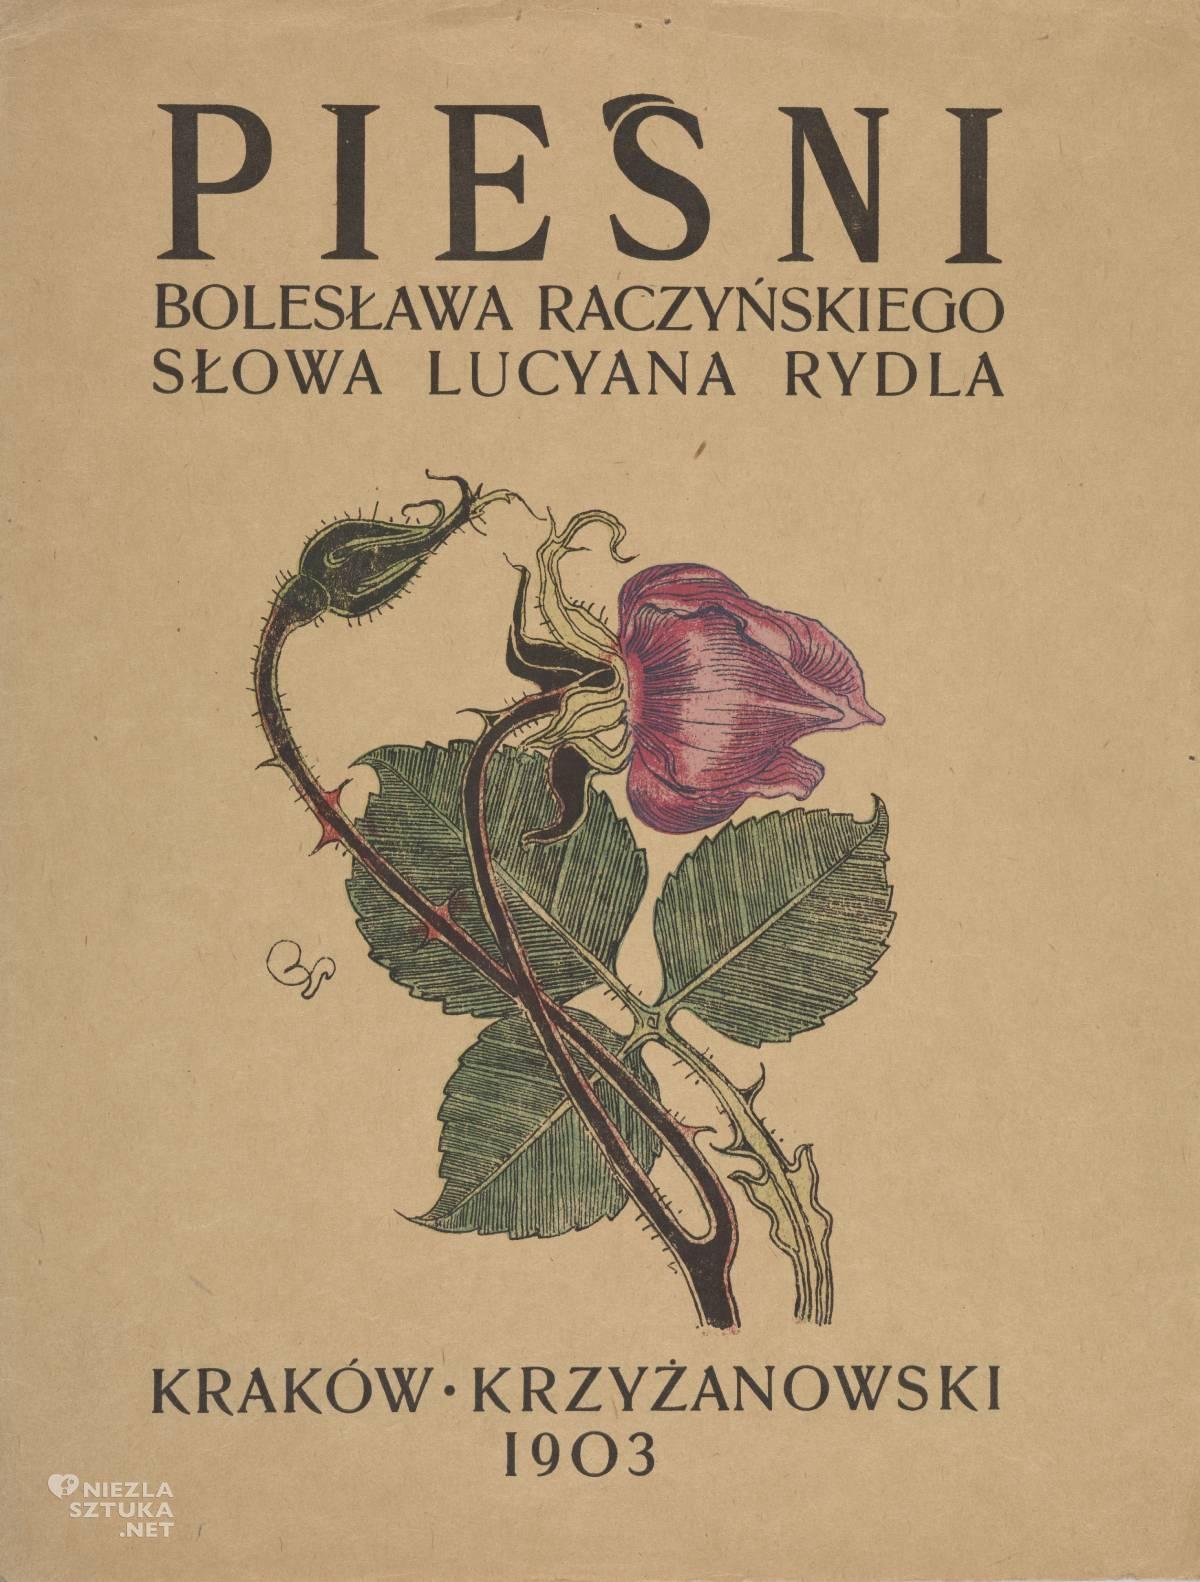 Stanisław Wyspiański,książka, typografia, Pieśni, Niezła sztuka